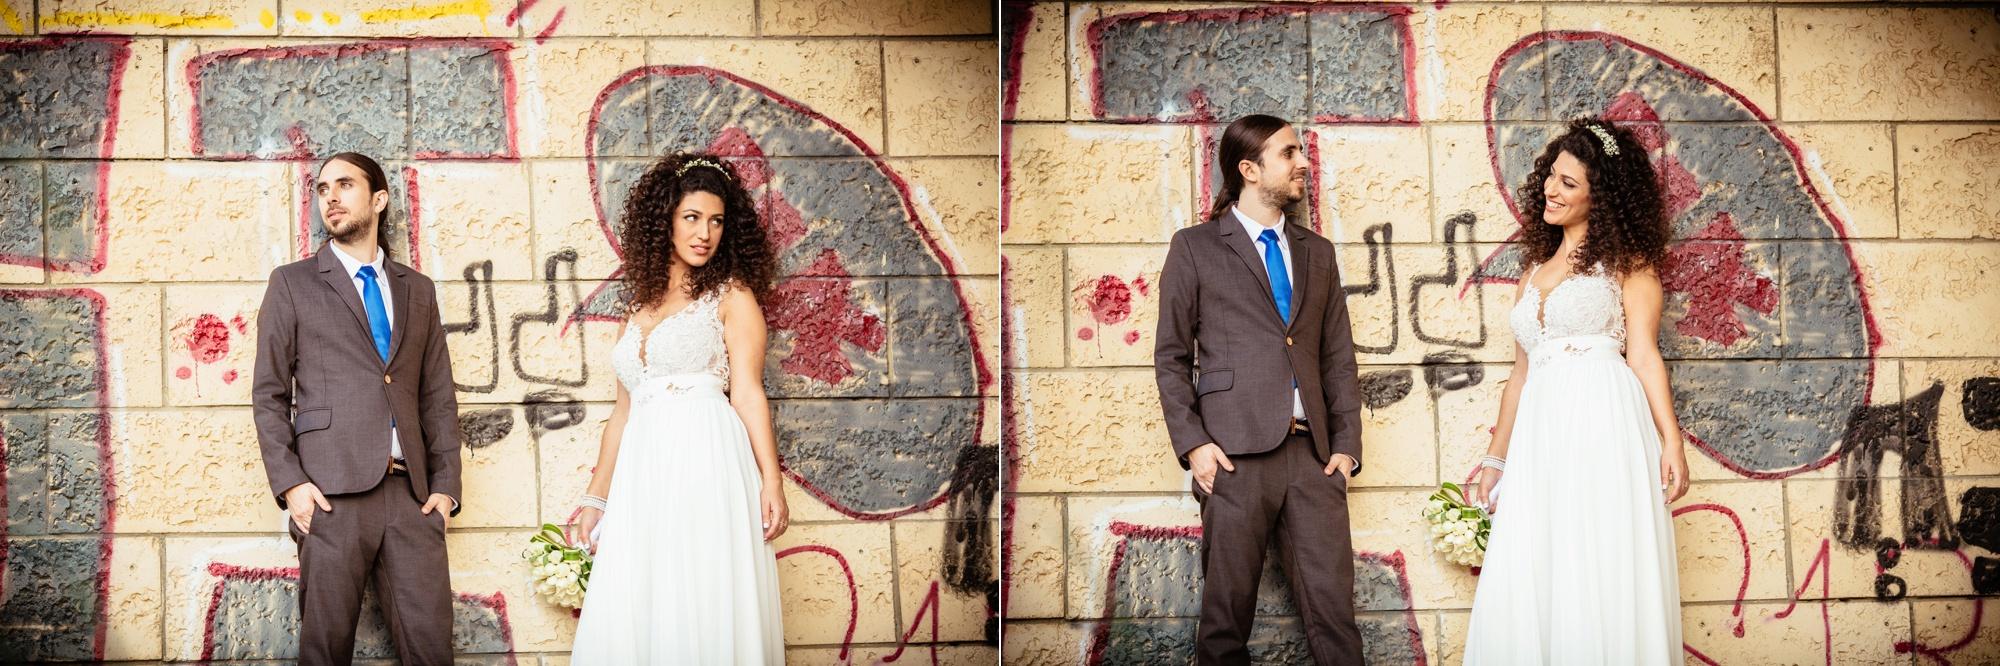 Yael&Harel-72.jpg